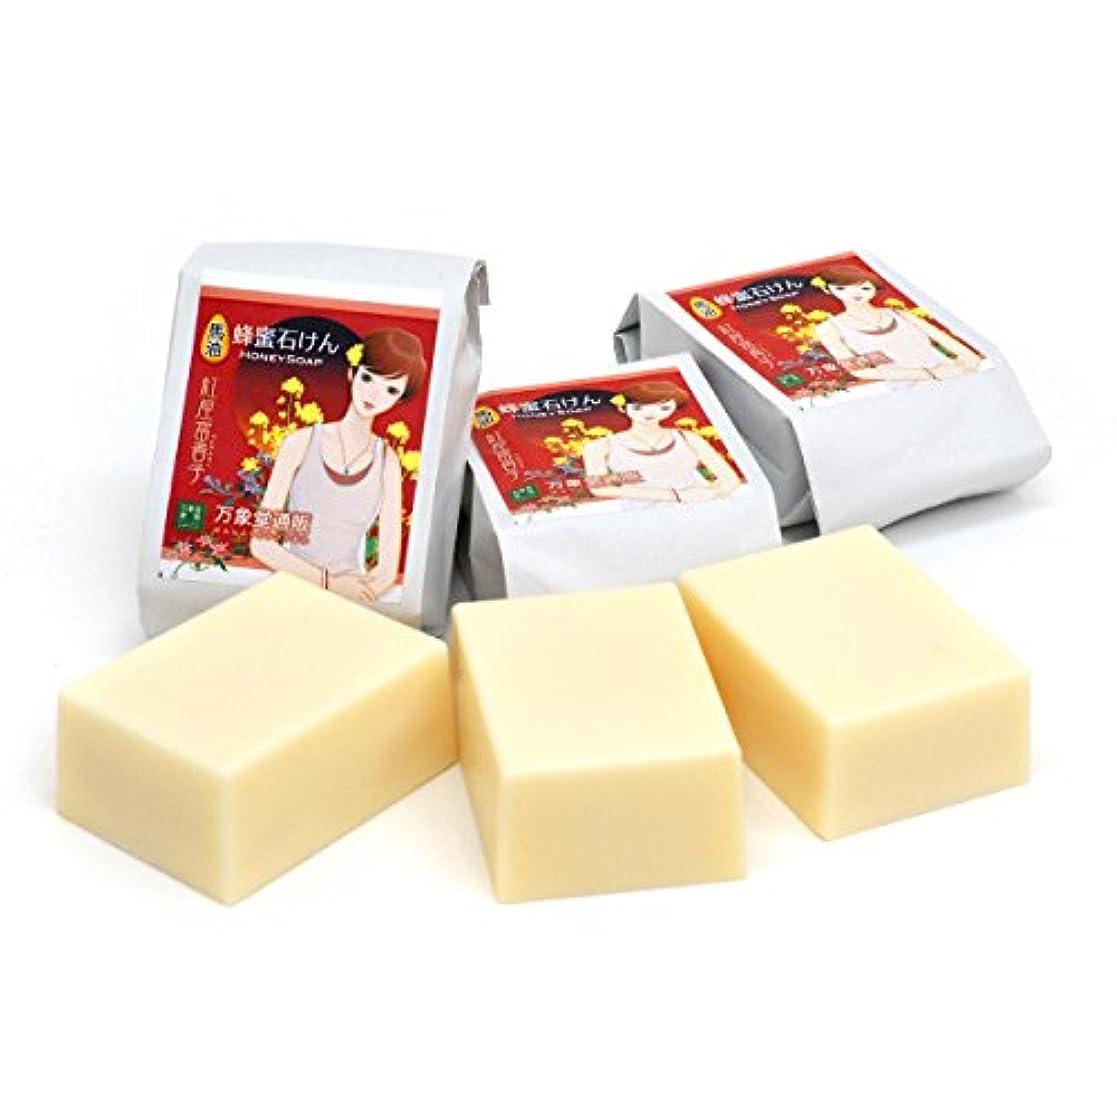 イーウェルアグネスグレイ評価可能森羅万象堂 馬油石鹸 90g×3個 (国産)熊本県産 国産蜂蜜配合